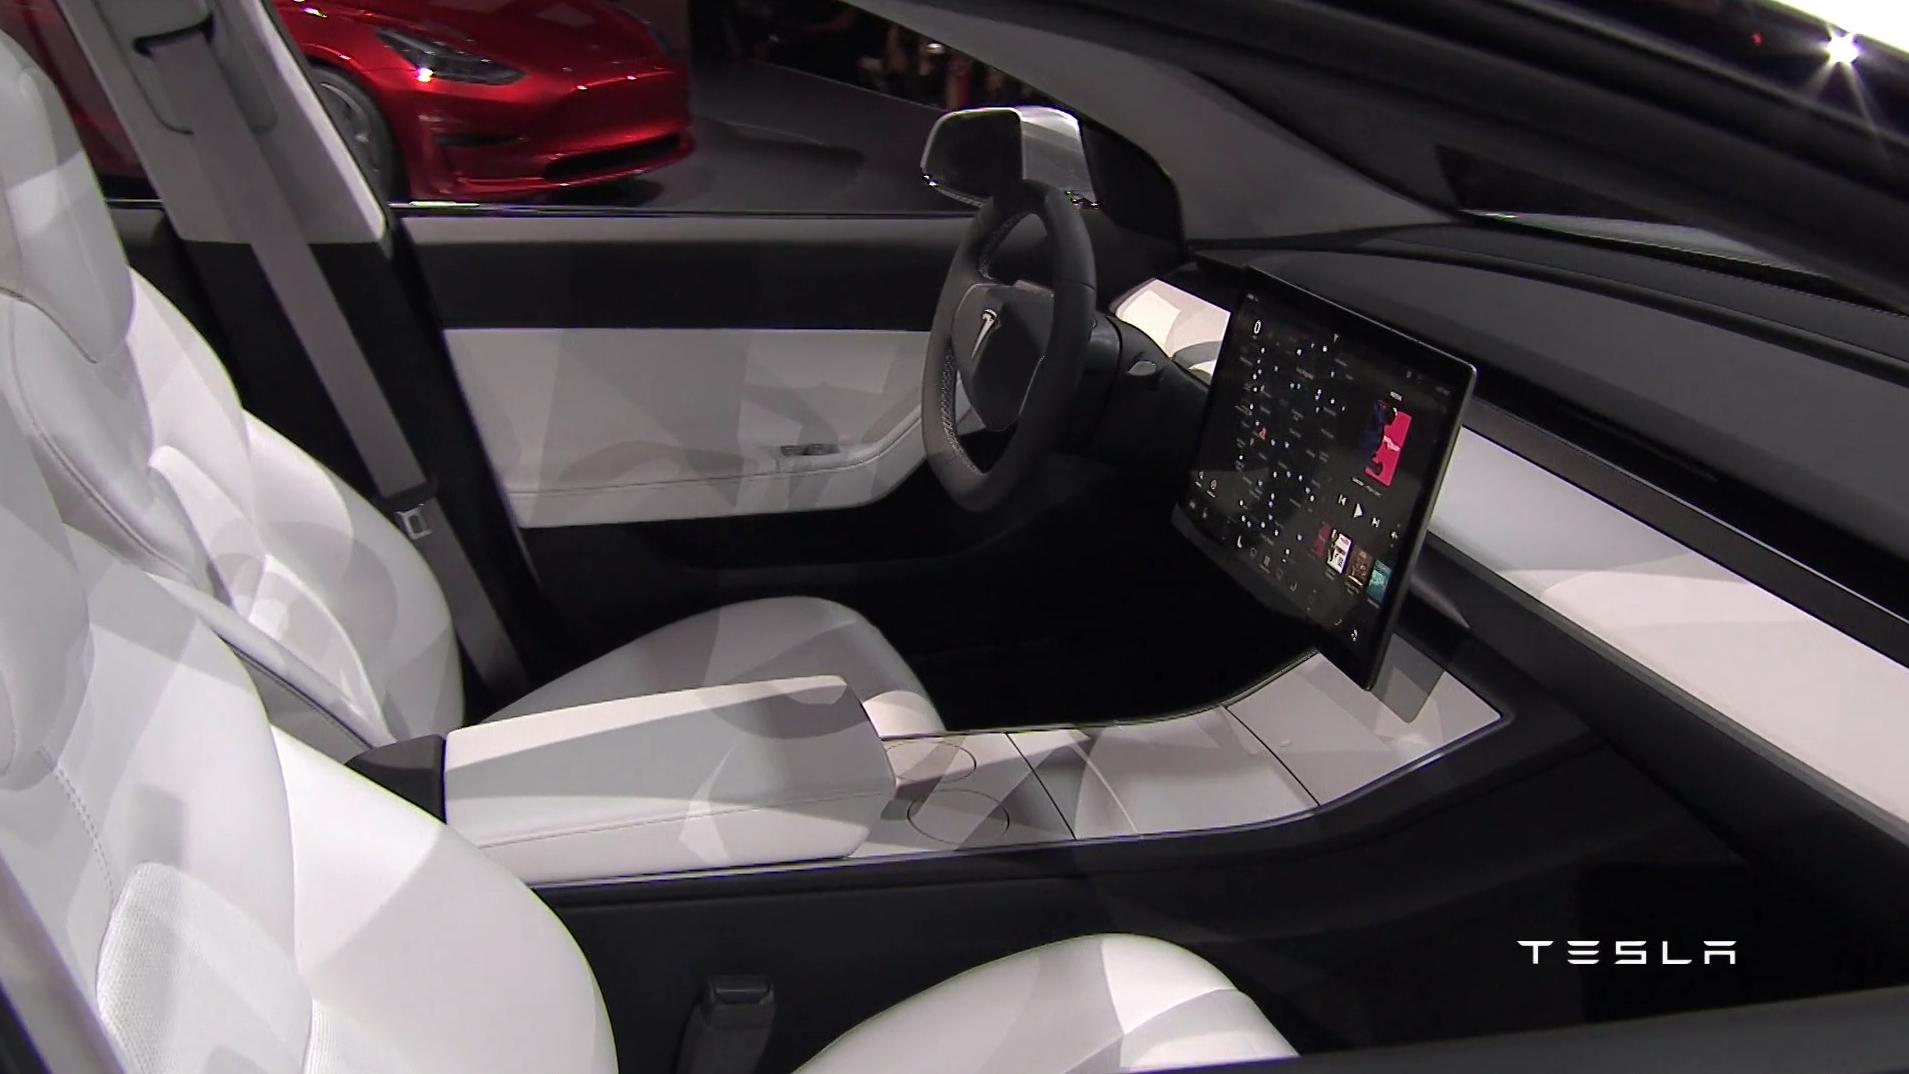 Tesla Model 3 Innenraum Mein Elektroauto